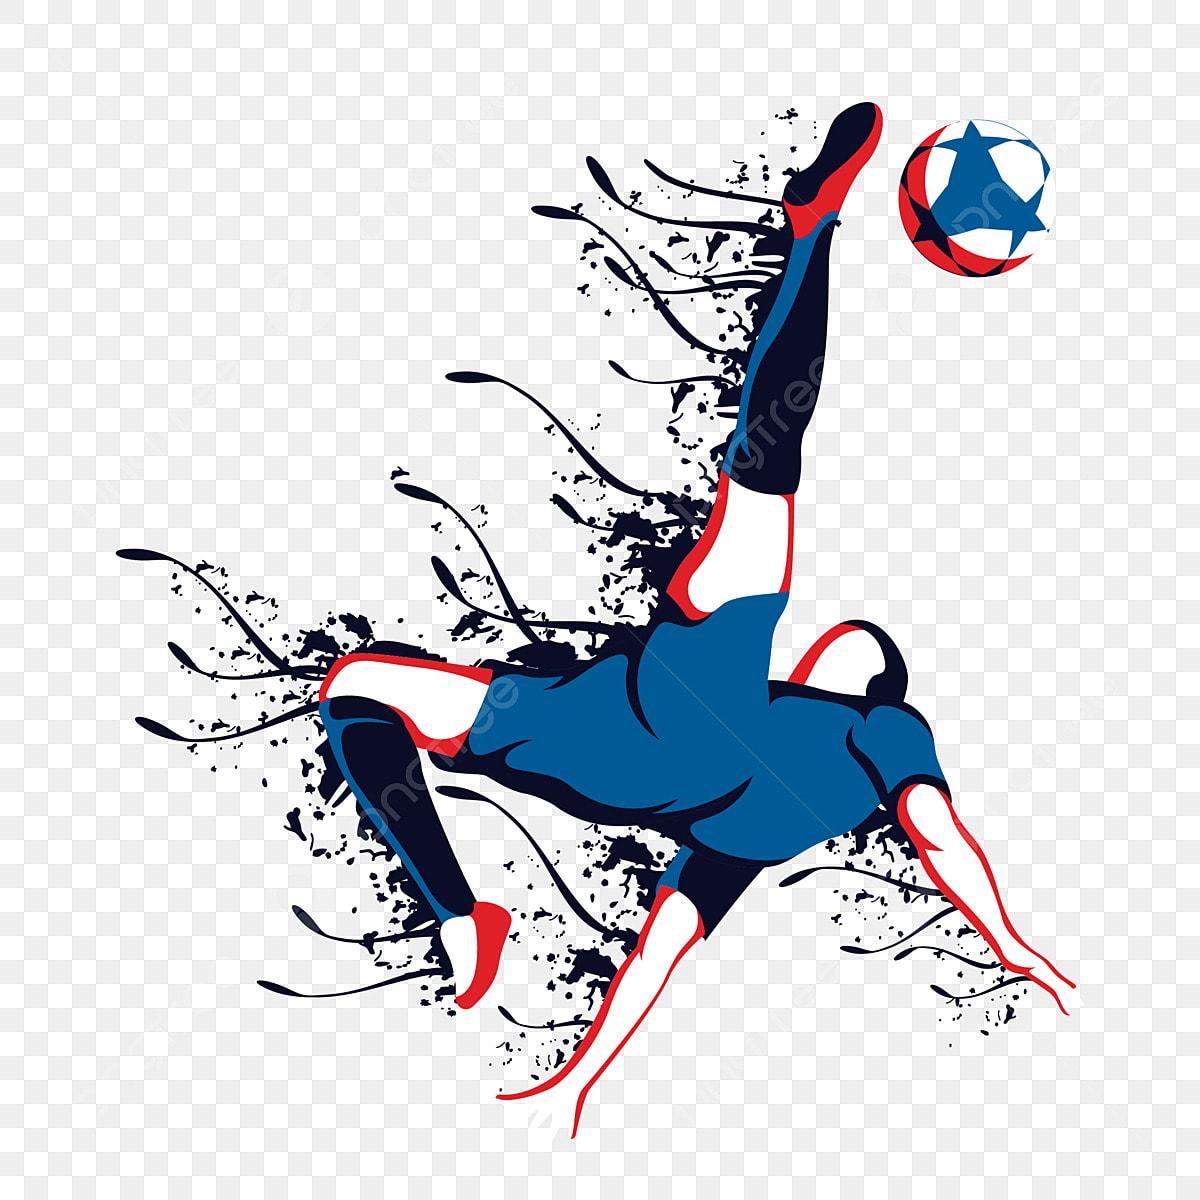 Bola Sepak Bola Sepak Bola Sepak Kartun Pemain Bola Sepak